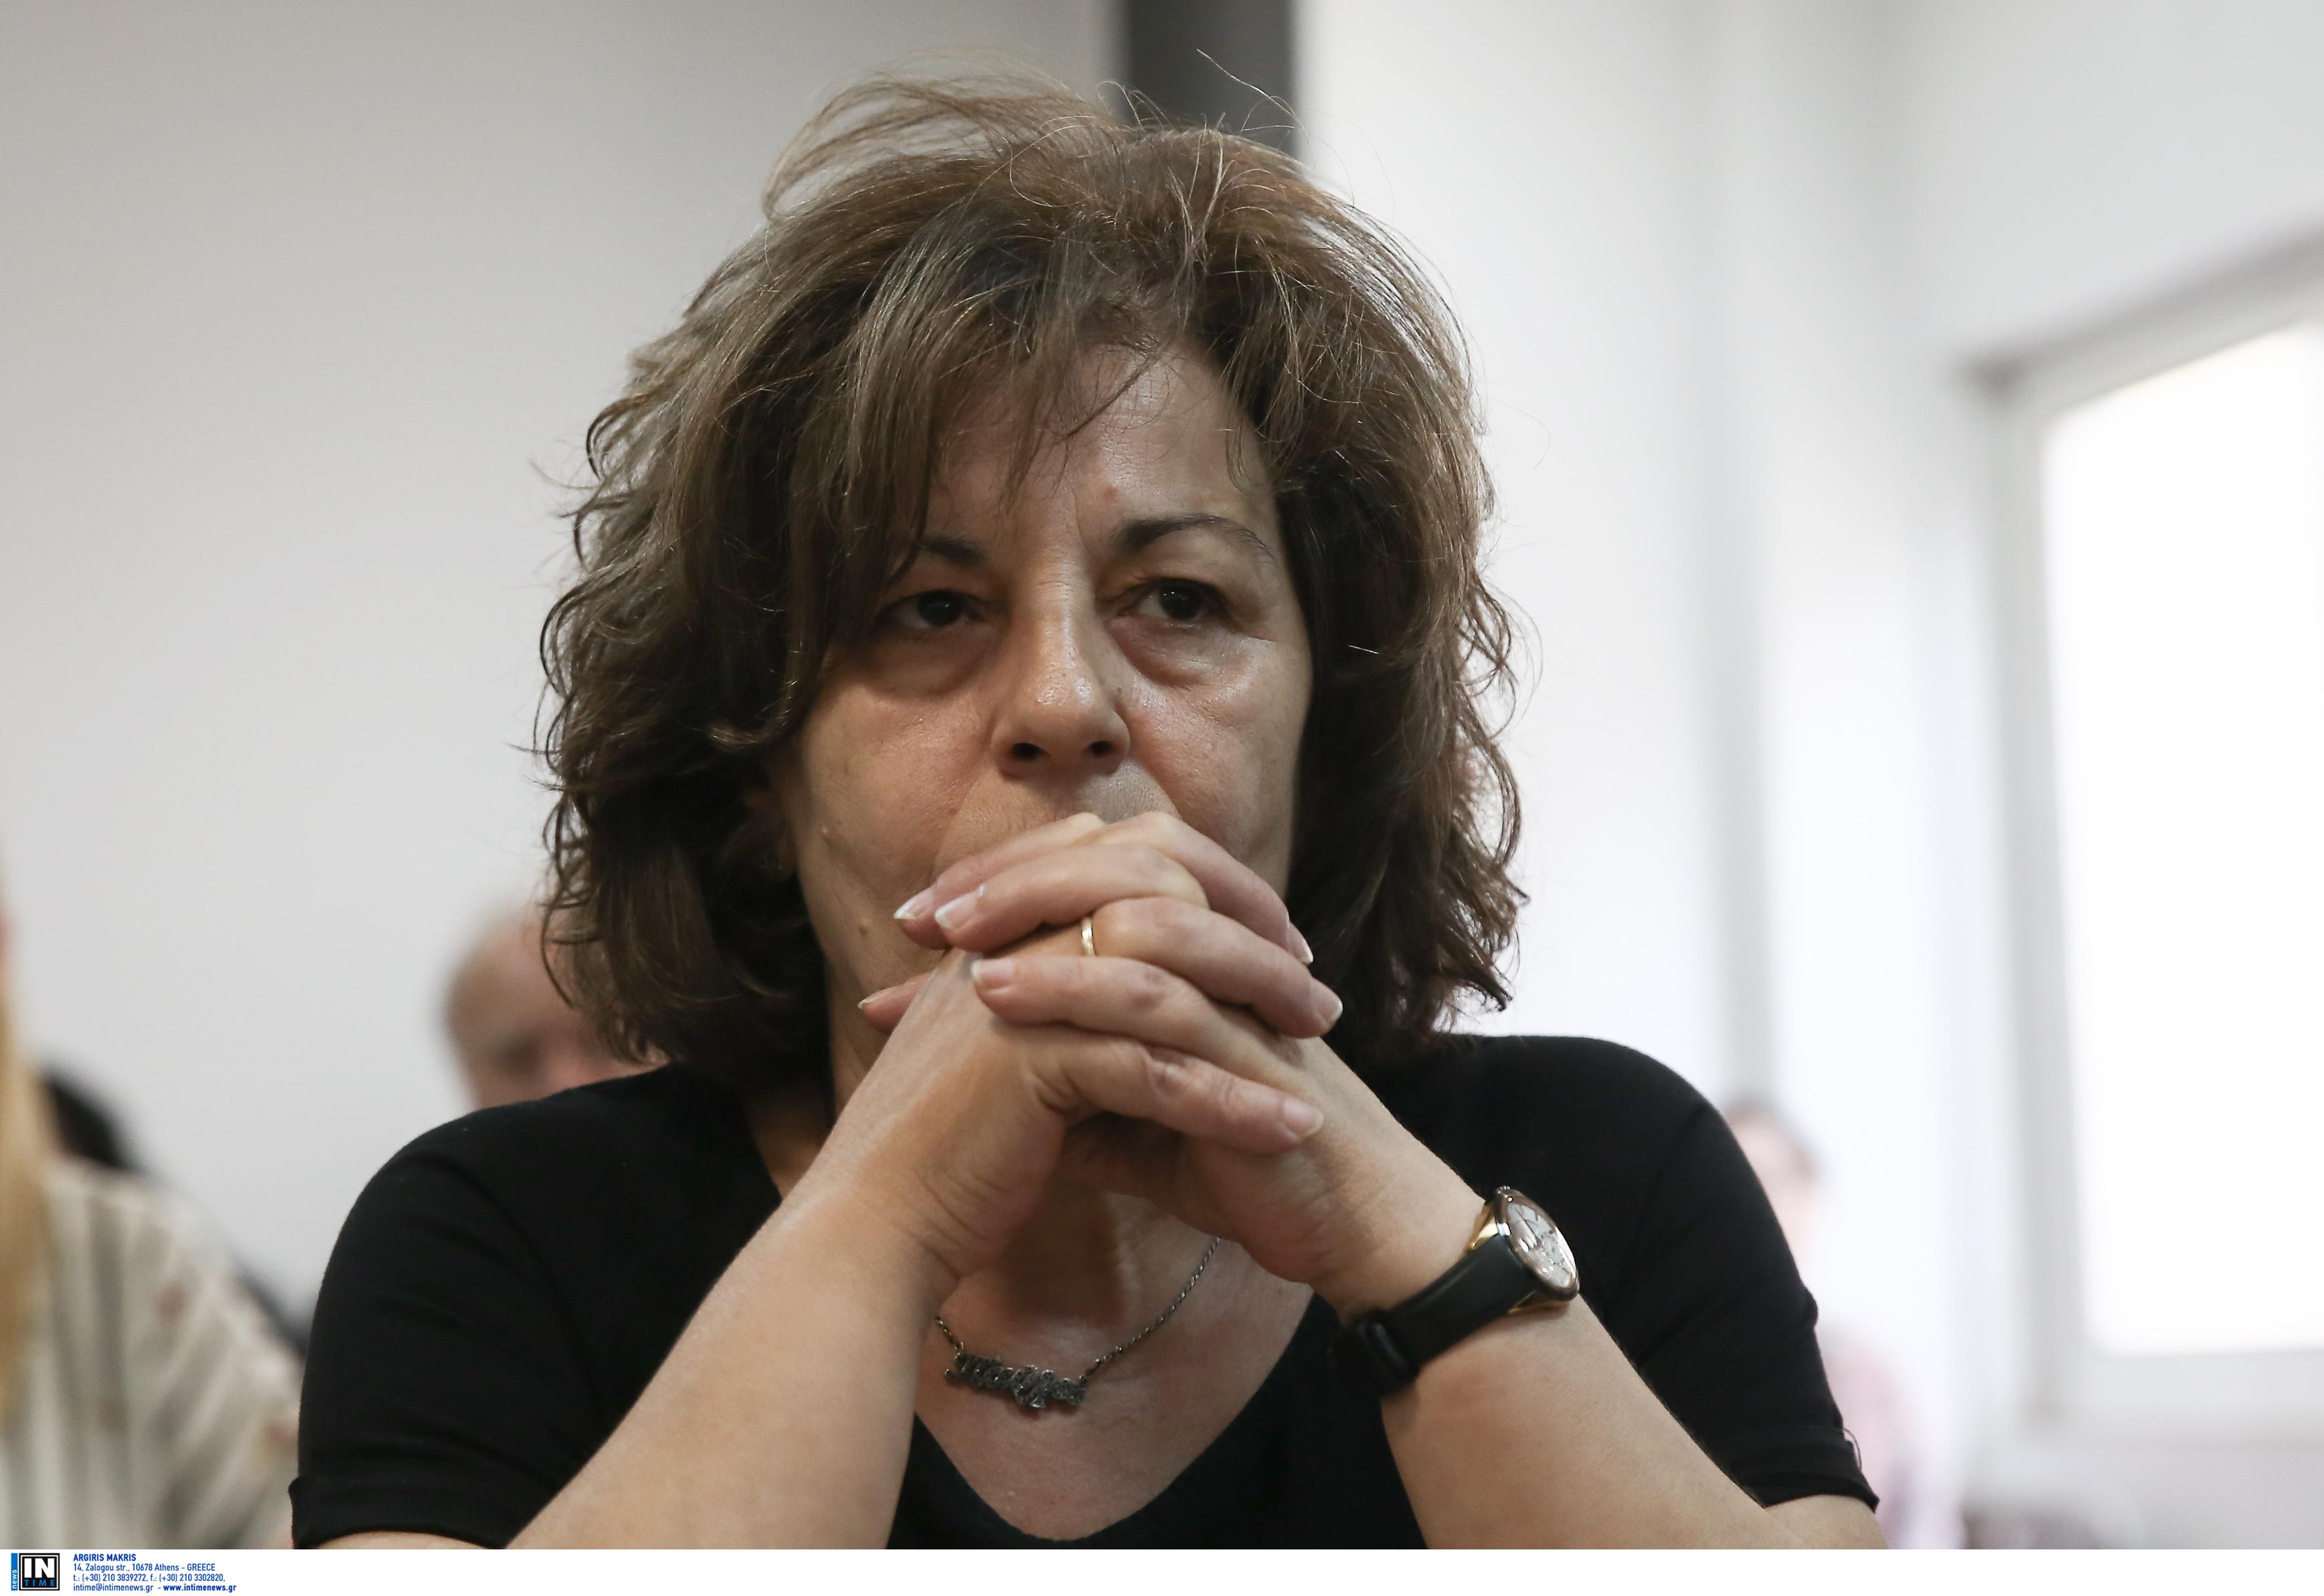 Μάγδα Φύσσα: Μακάρι τα ΜΜΕ να έδειχναν τον ίδιο ζήλο και για τη δίκη